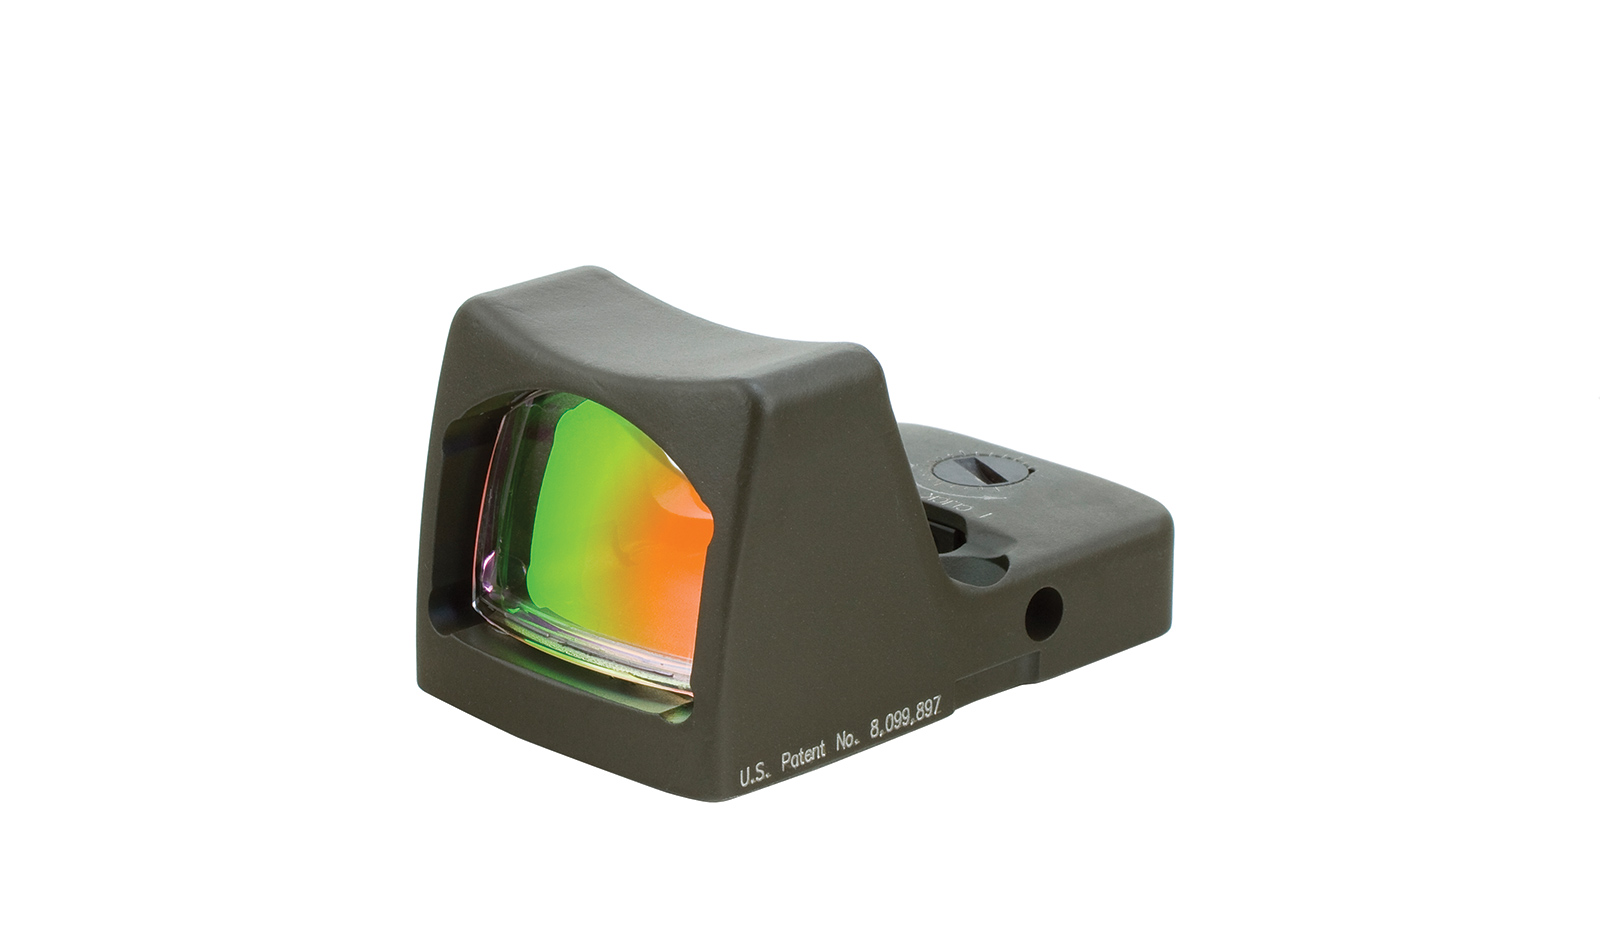 RM01-C-700623 angle 1